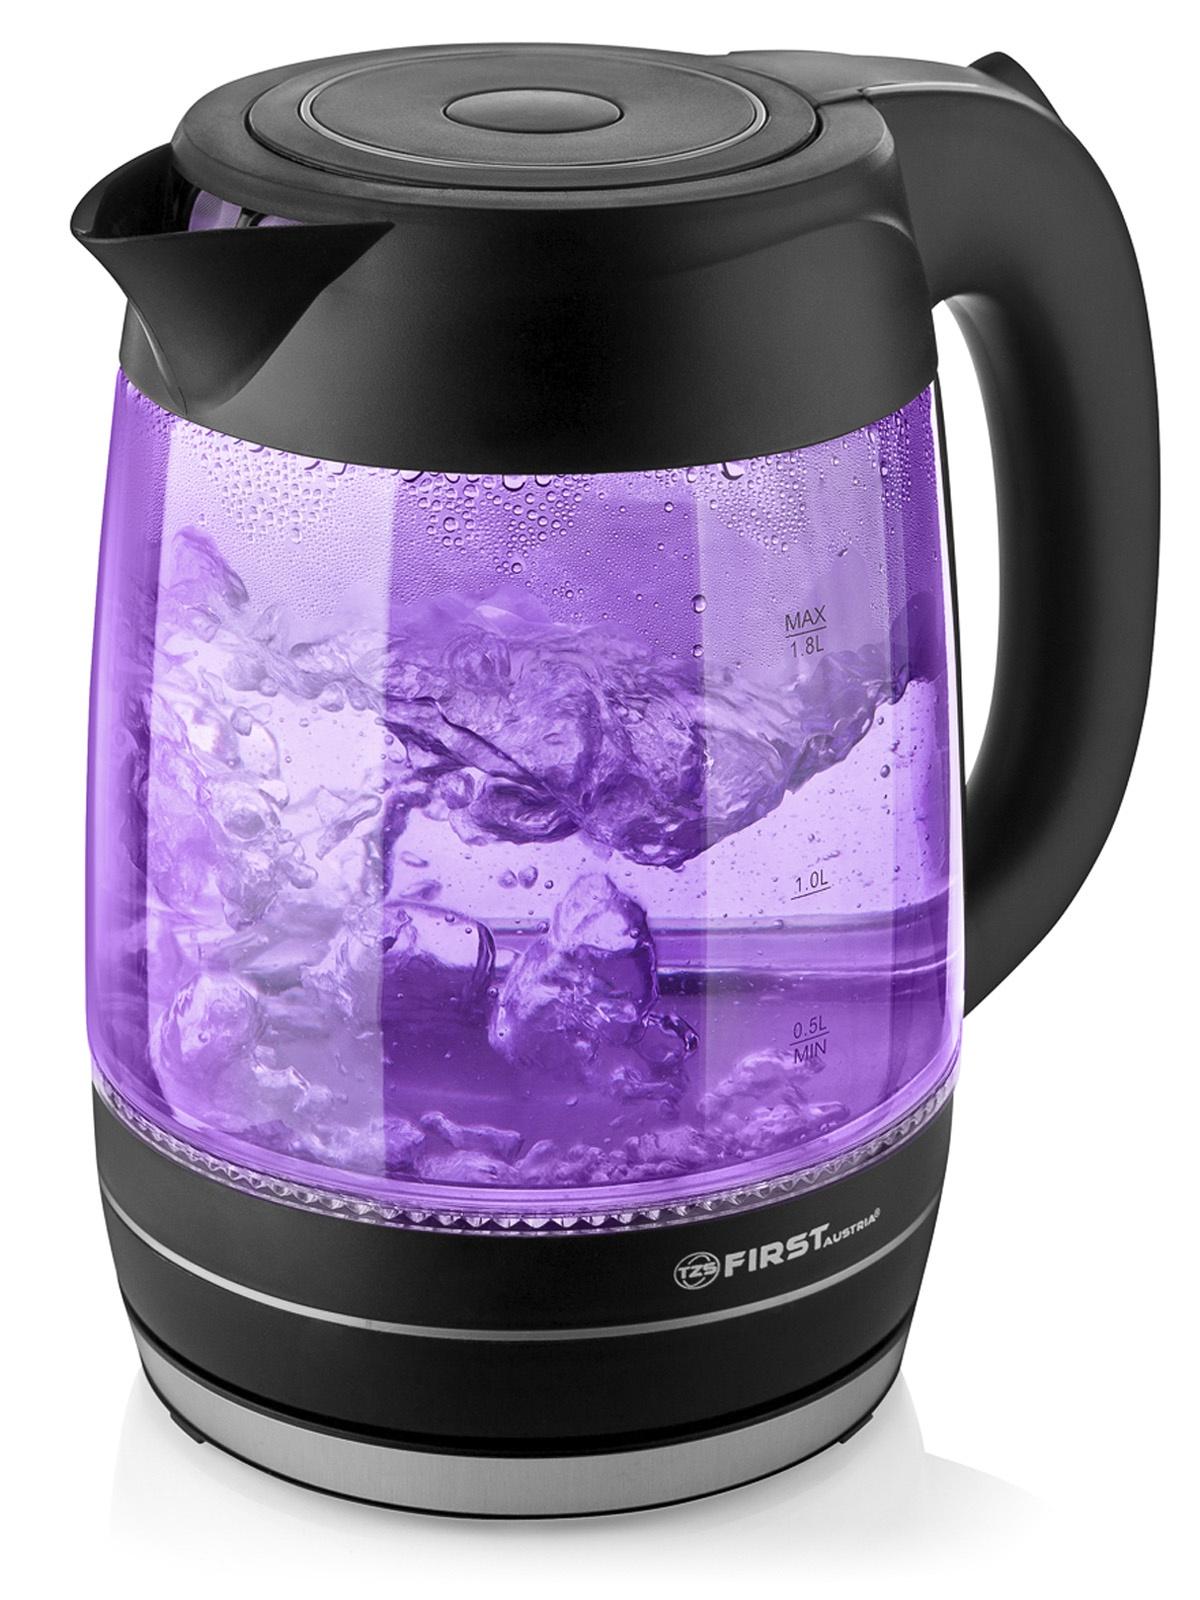 Электрический чайник First FA-5405-3-PU чайник first fa 5427 8 bu 2200 вт белый синий 1 7 л пластик